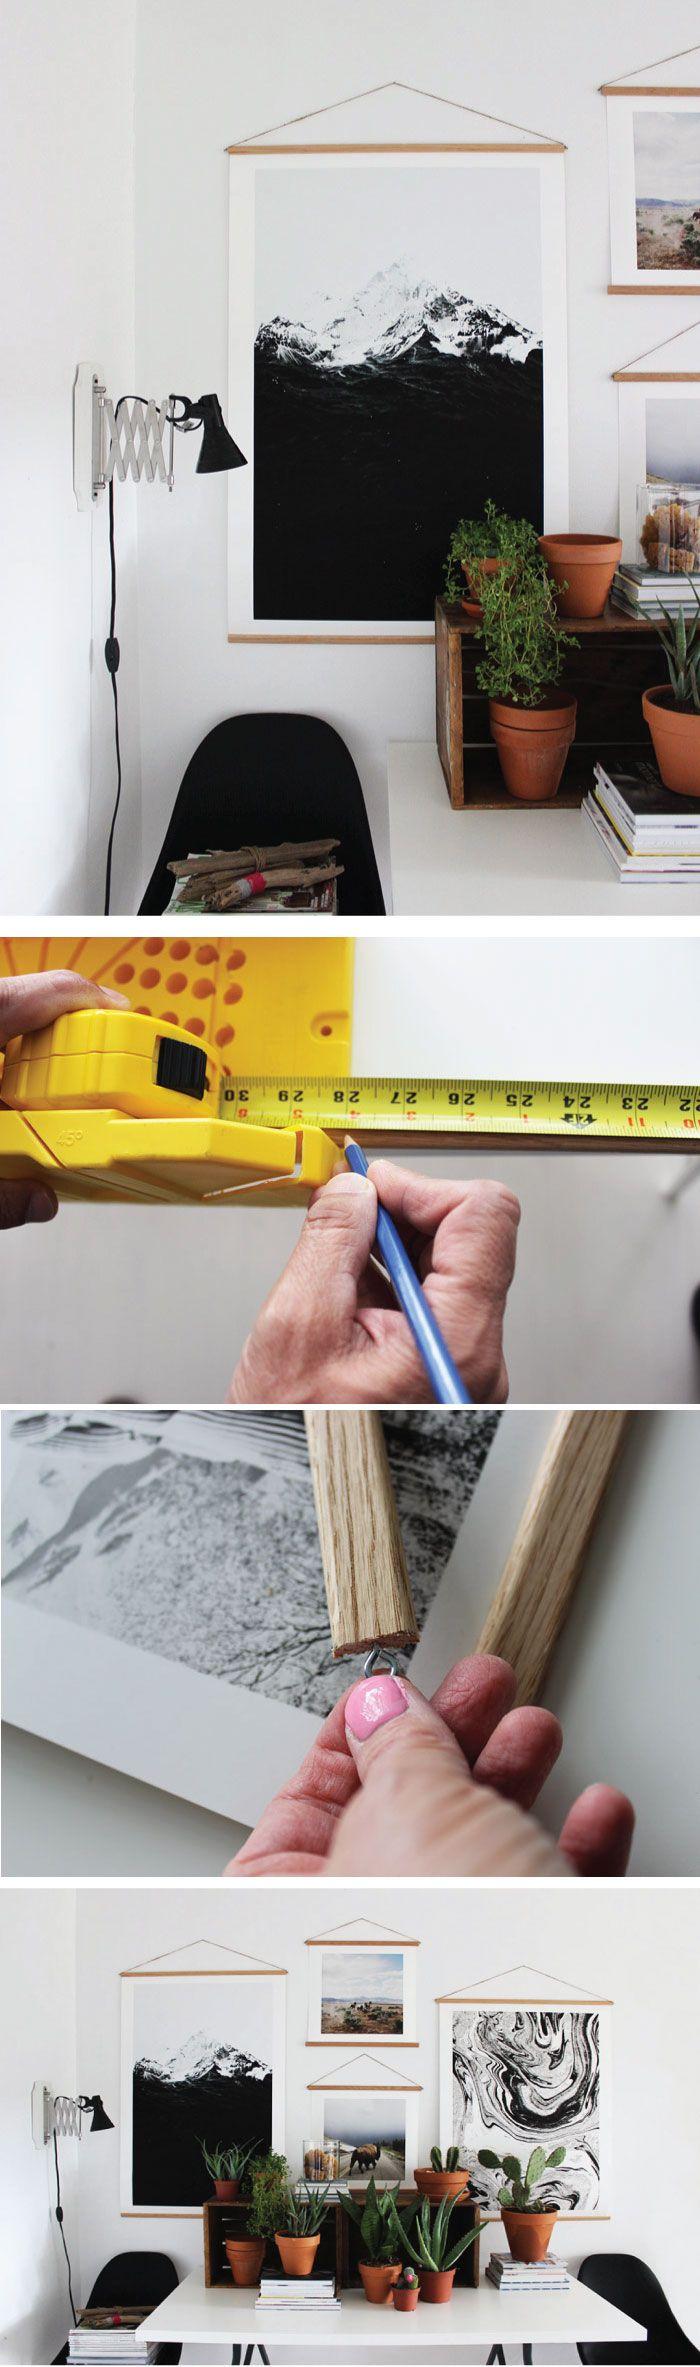 Easy DIY Dowel Rod Frames